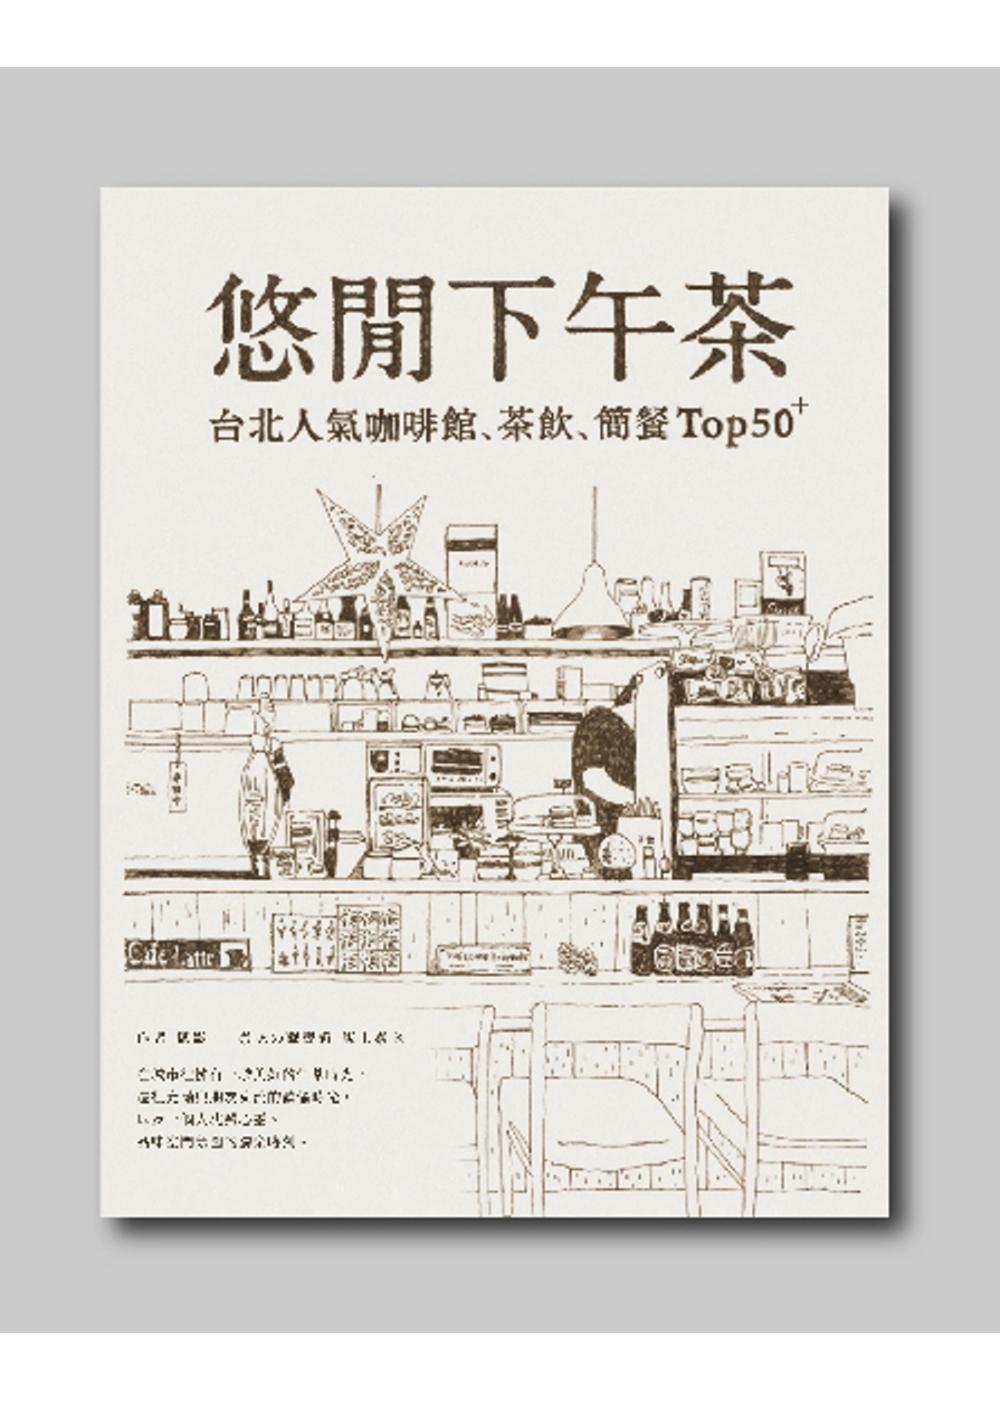 悠閒下午茶:台北人氣咖啡館、茶飲、簡餐Top50+(增修版)